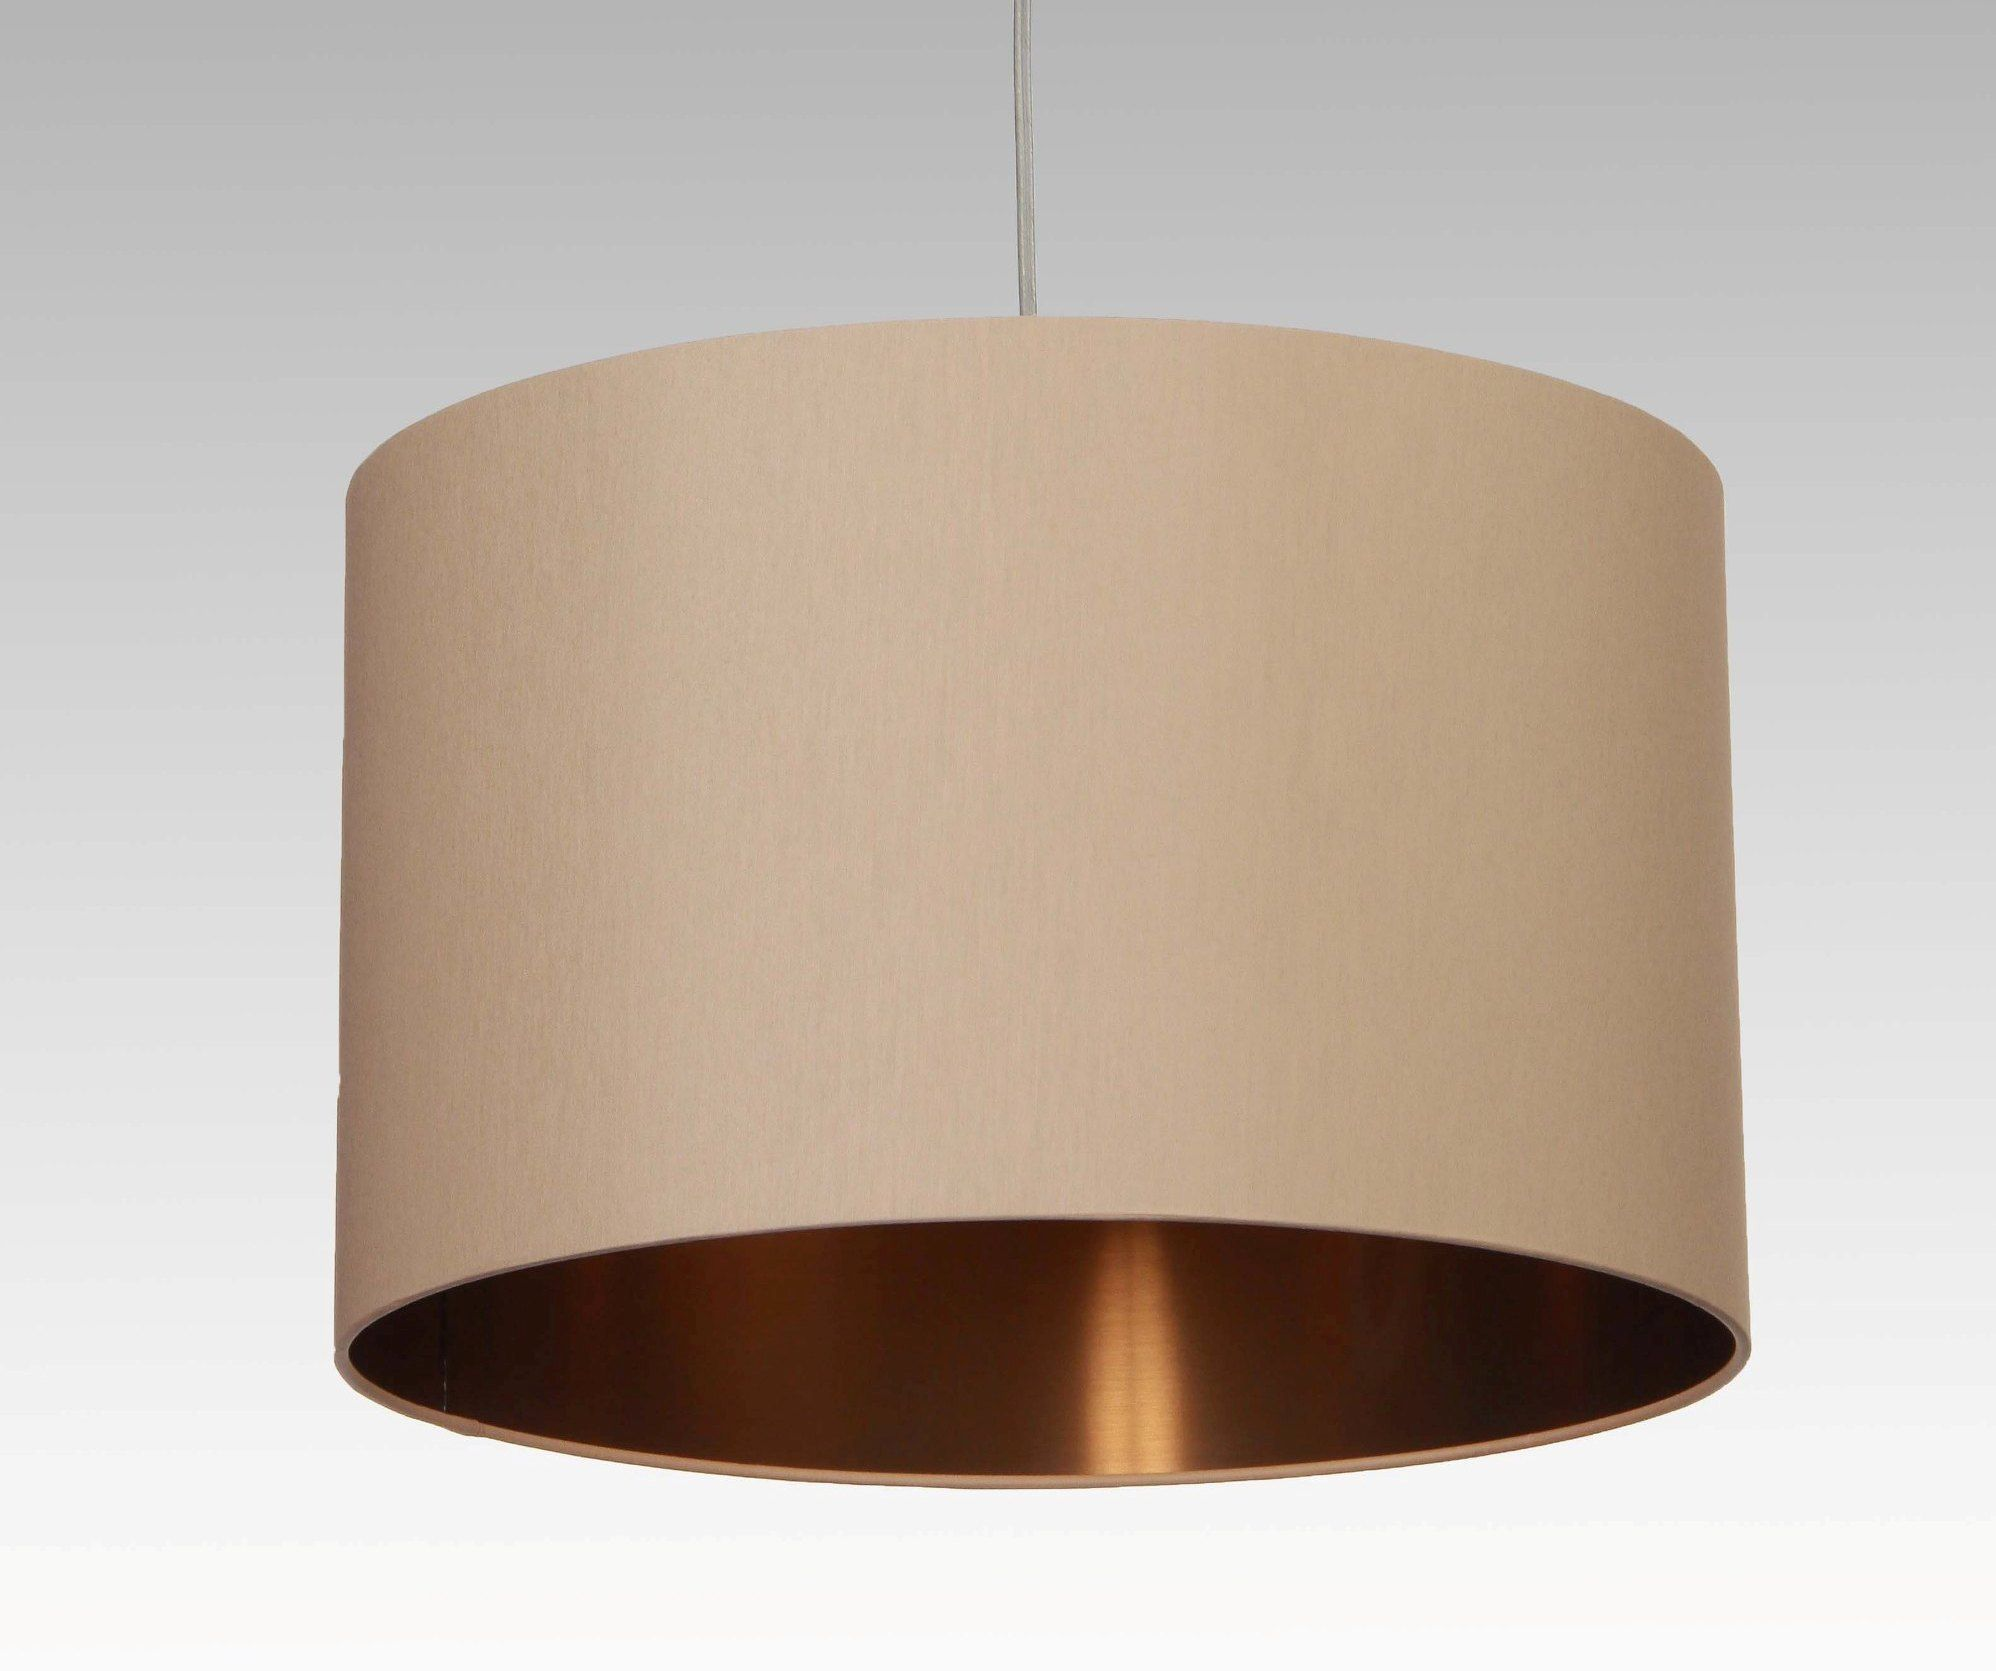 Lampenschirm Innen Kupfer, In Verschiedenen Größen (Durchmesser Und Höhe),  Als Lampenschirm Für